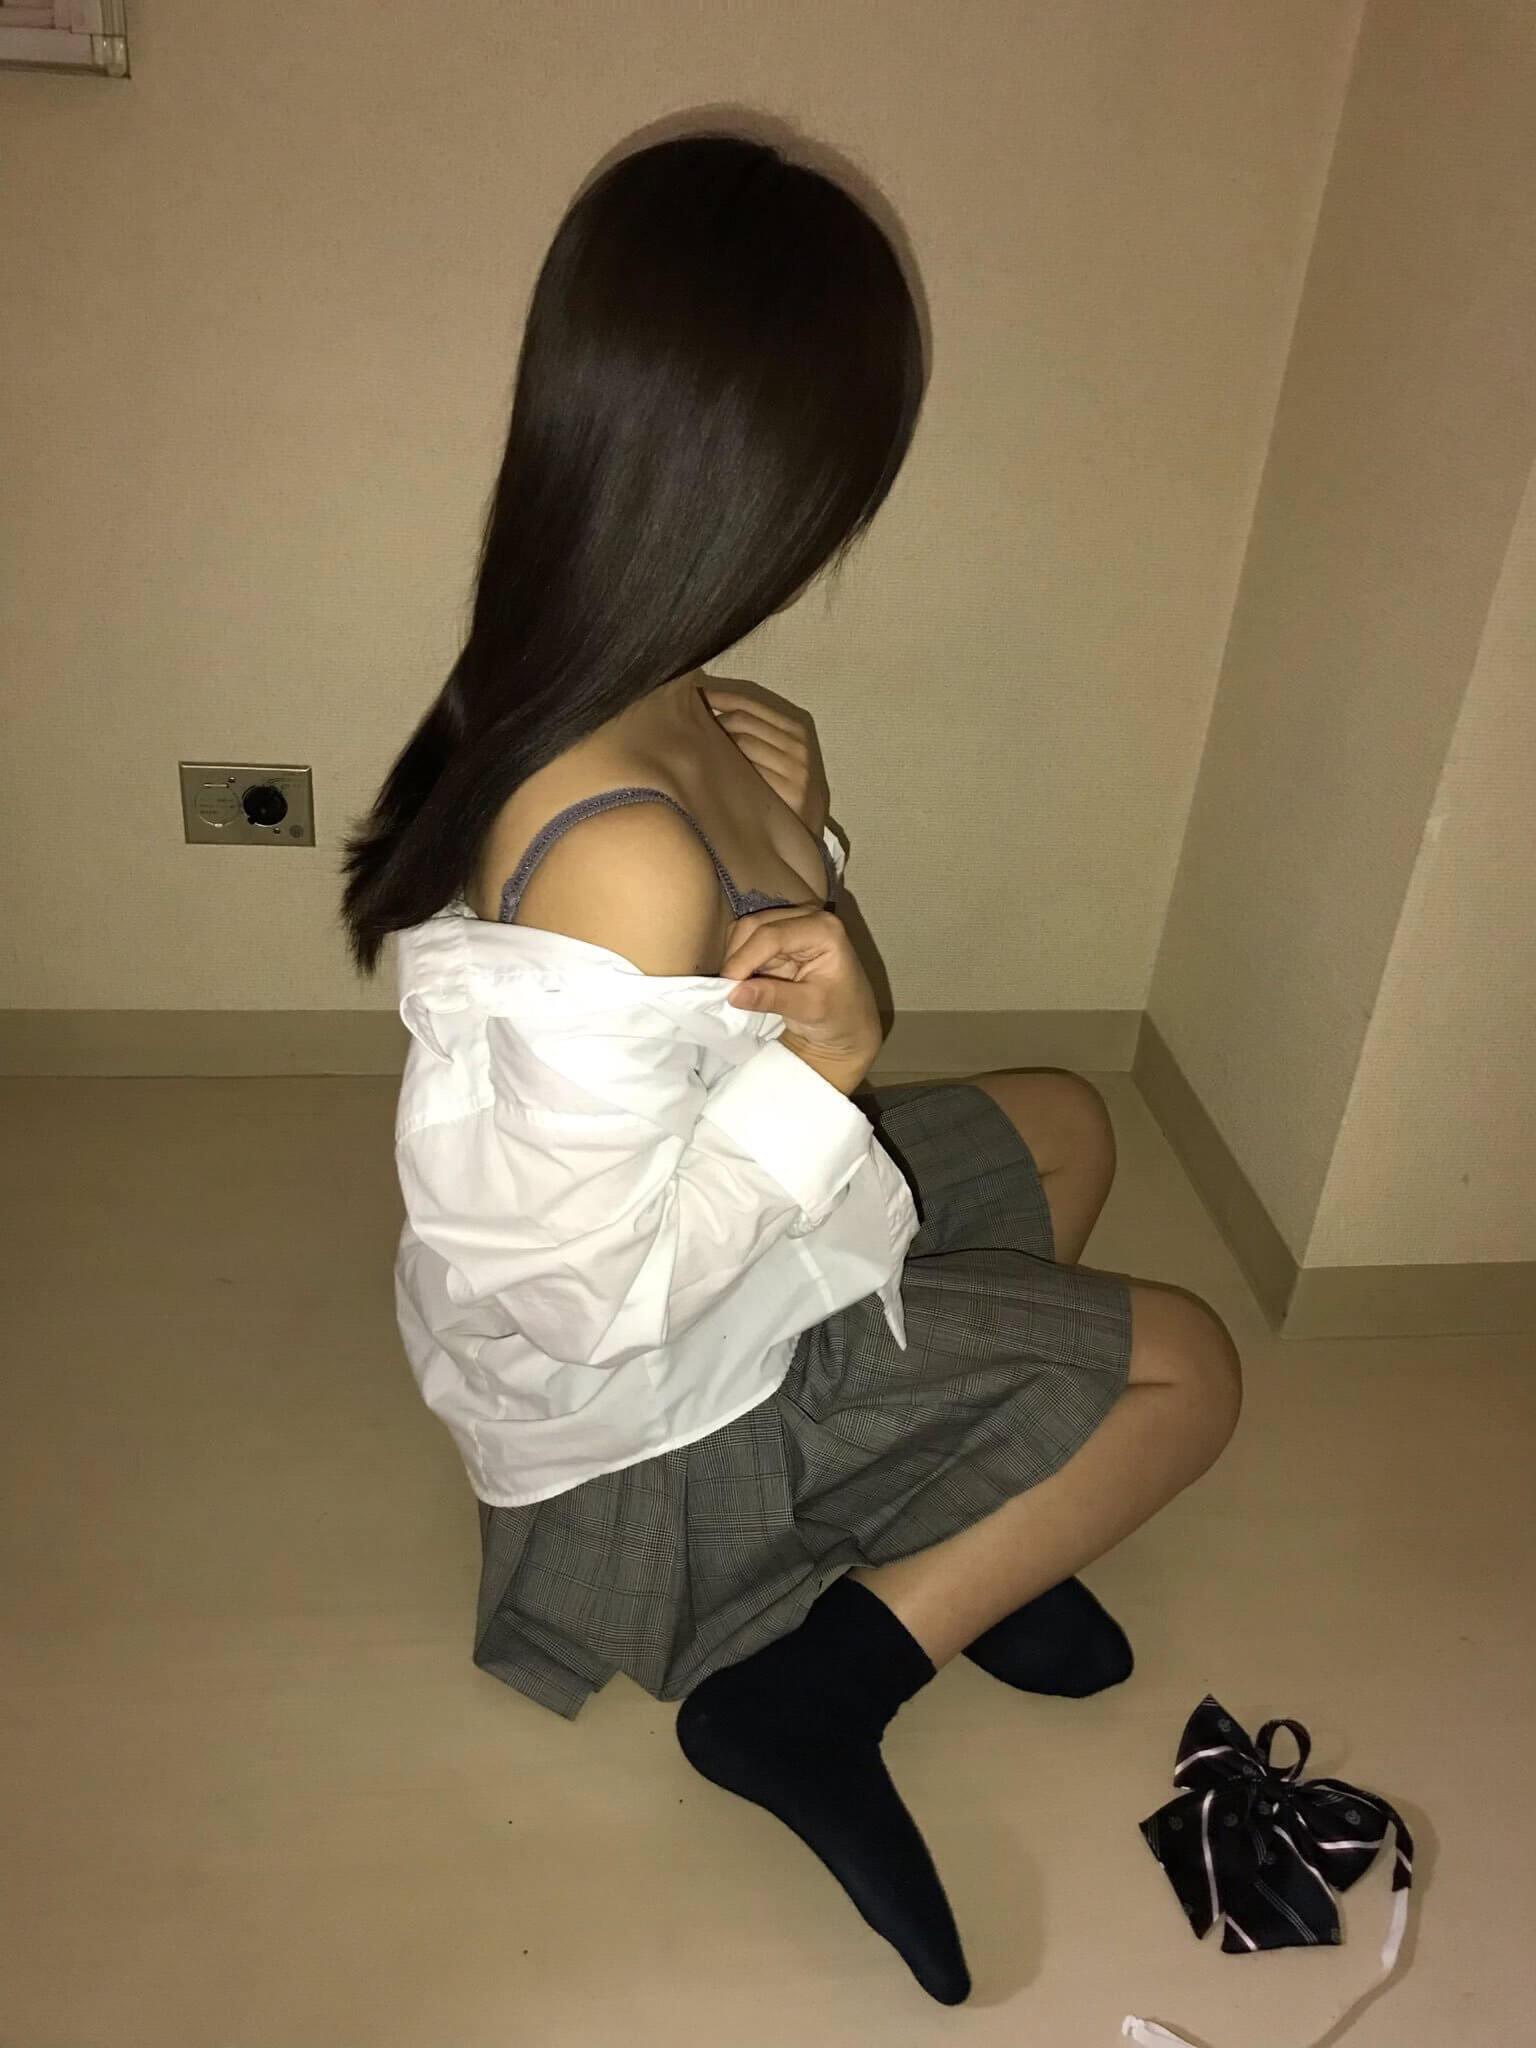 【画像】10代制服少女という勃起誘発ワードwww